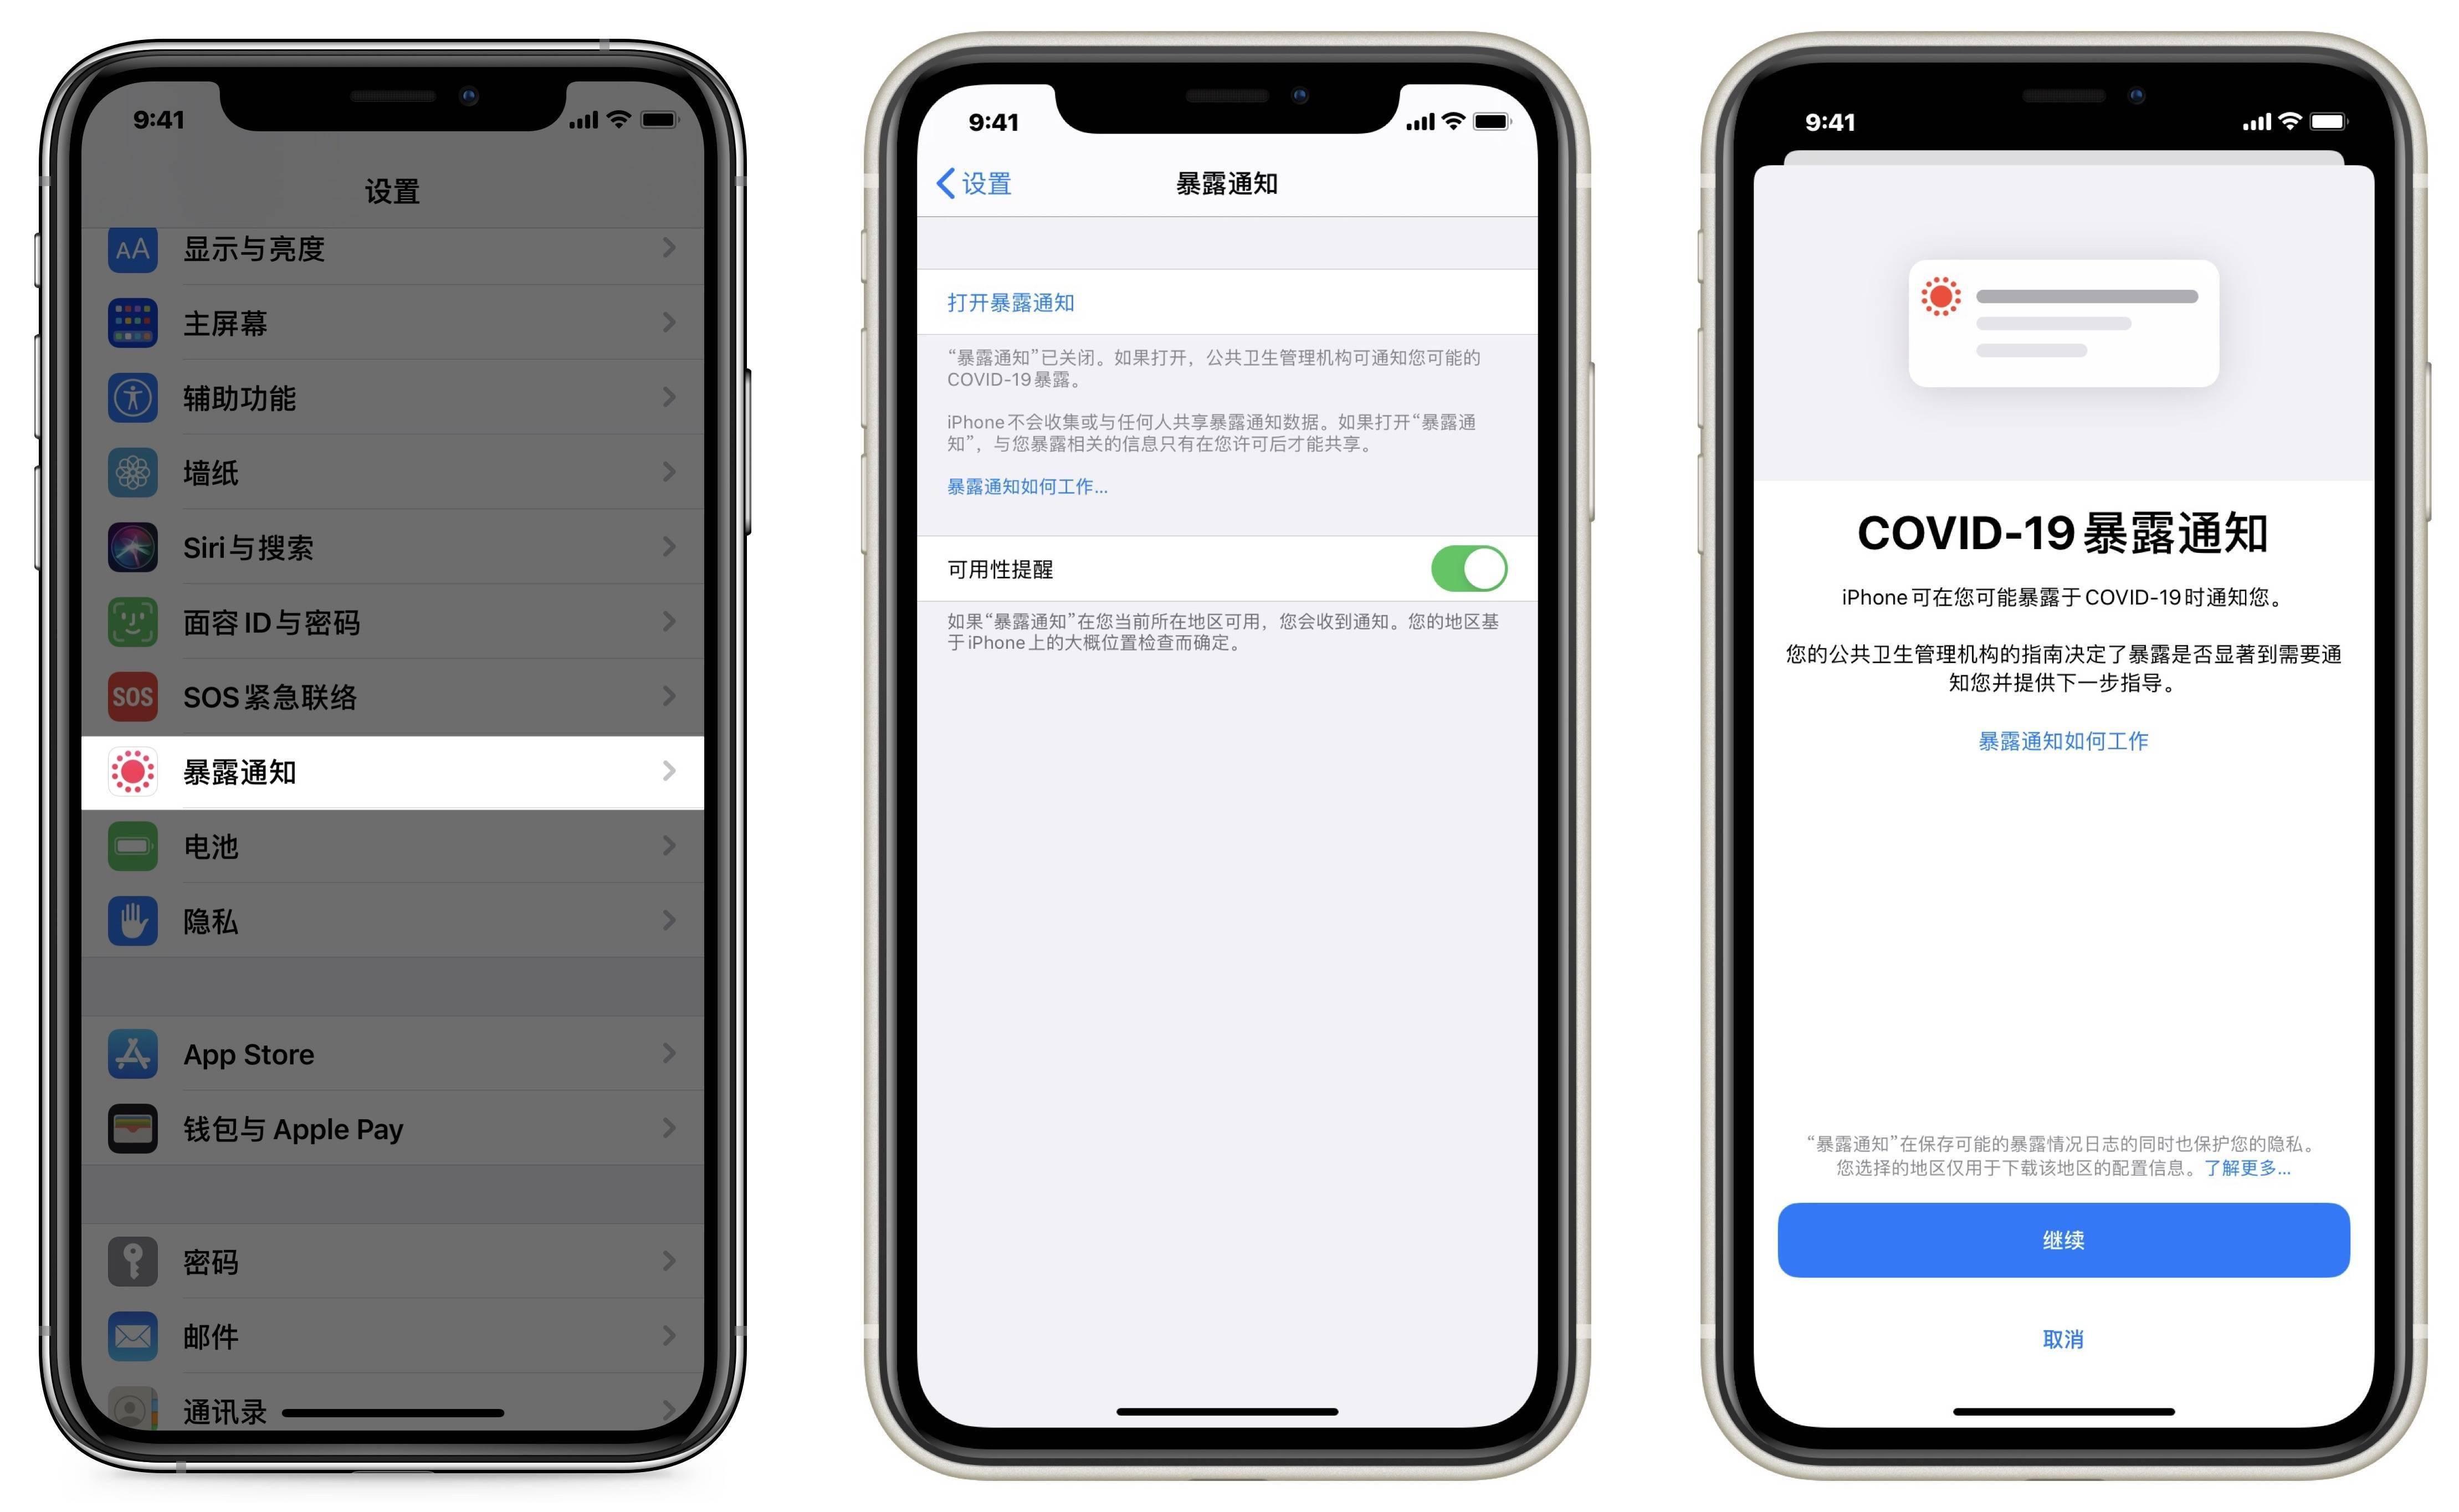 如何在国内使用 iOS 13.7 的「暴露通知」功能?